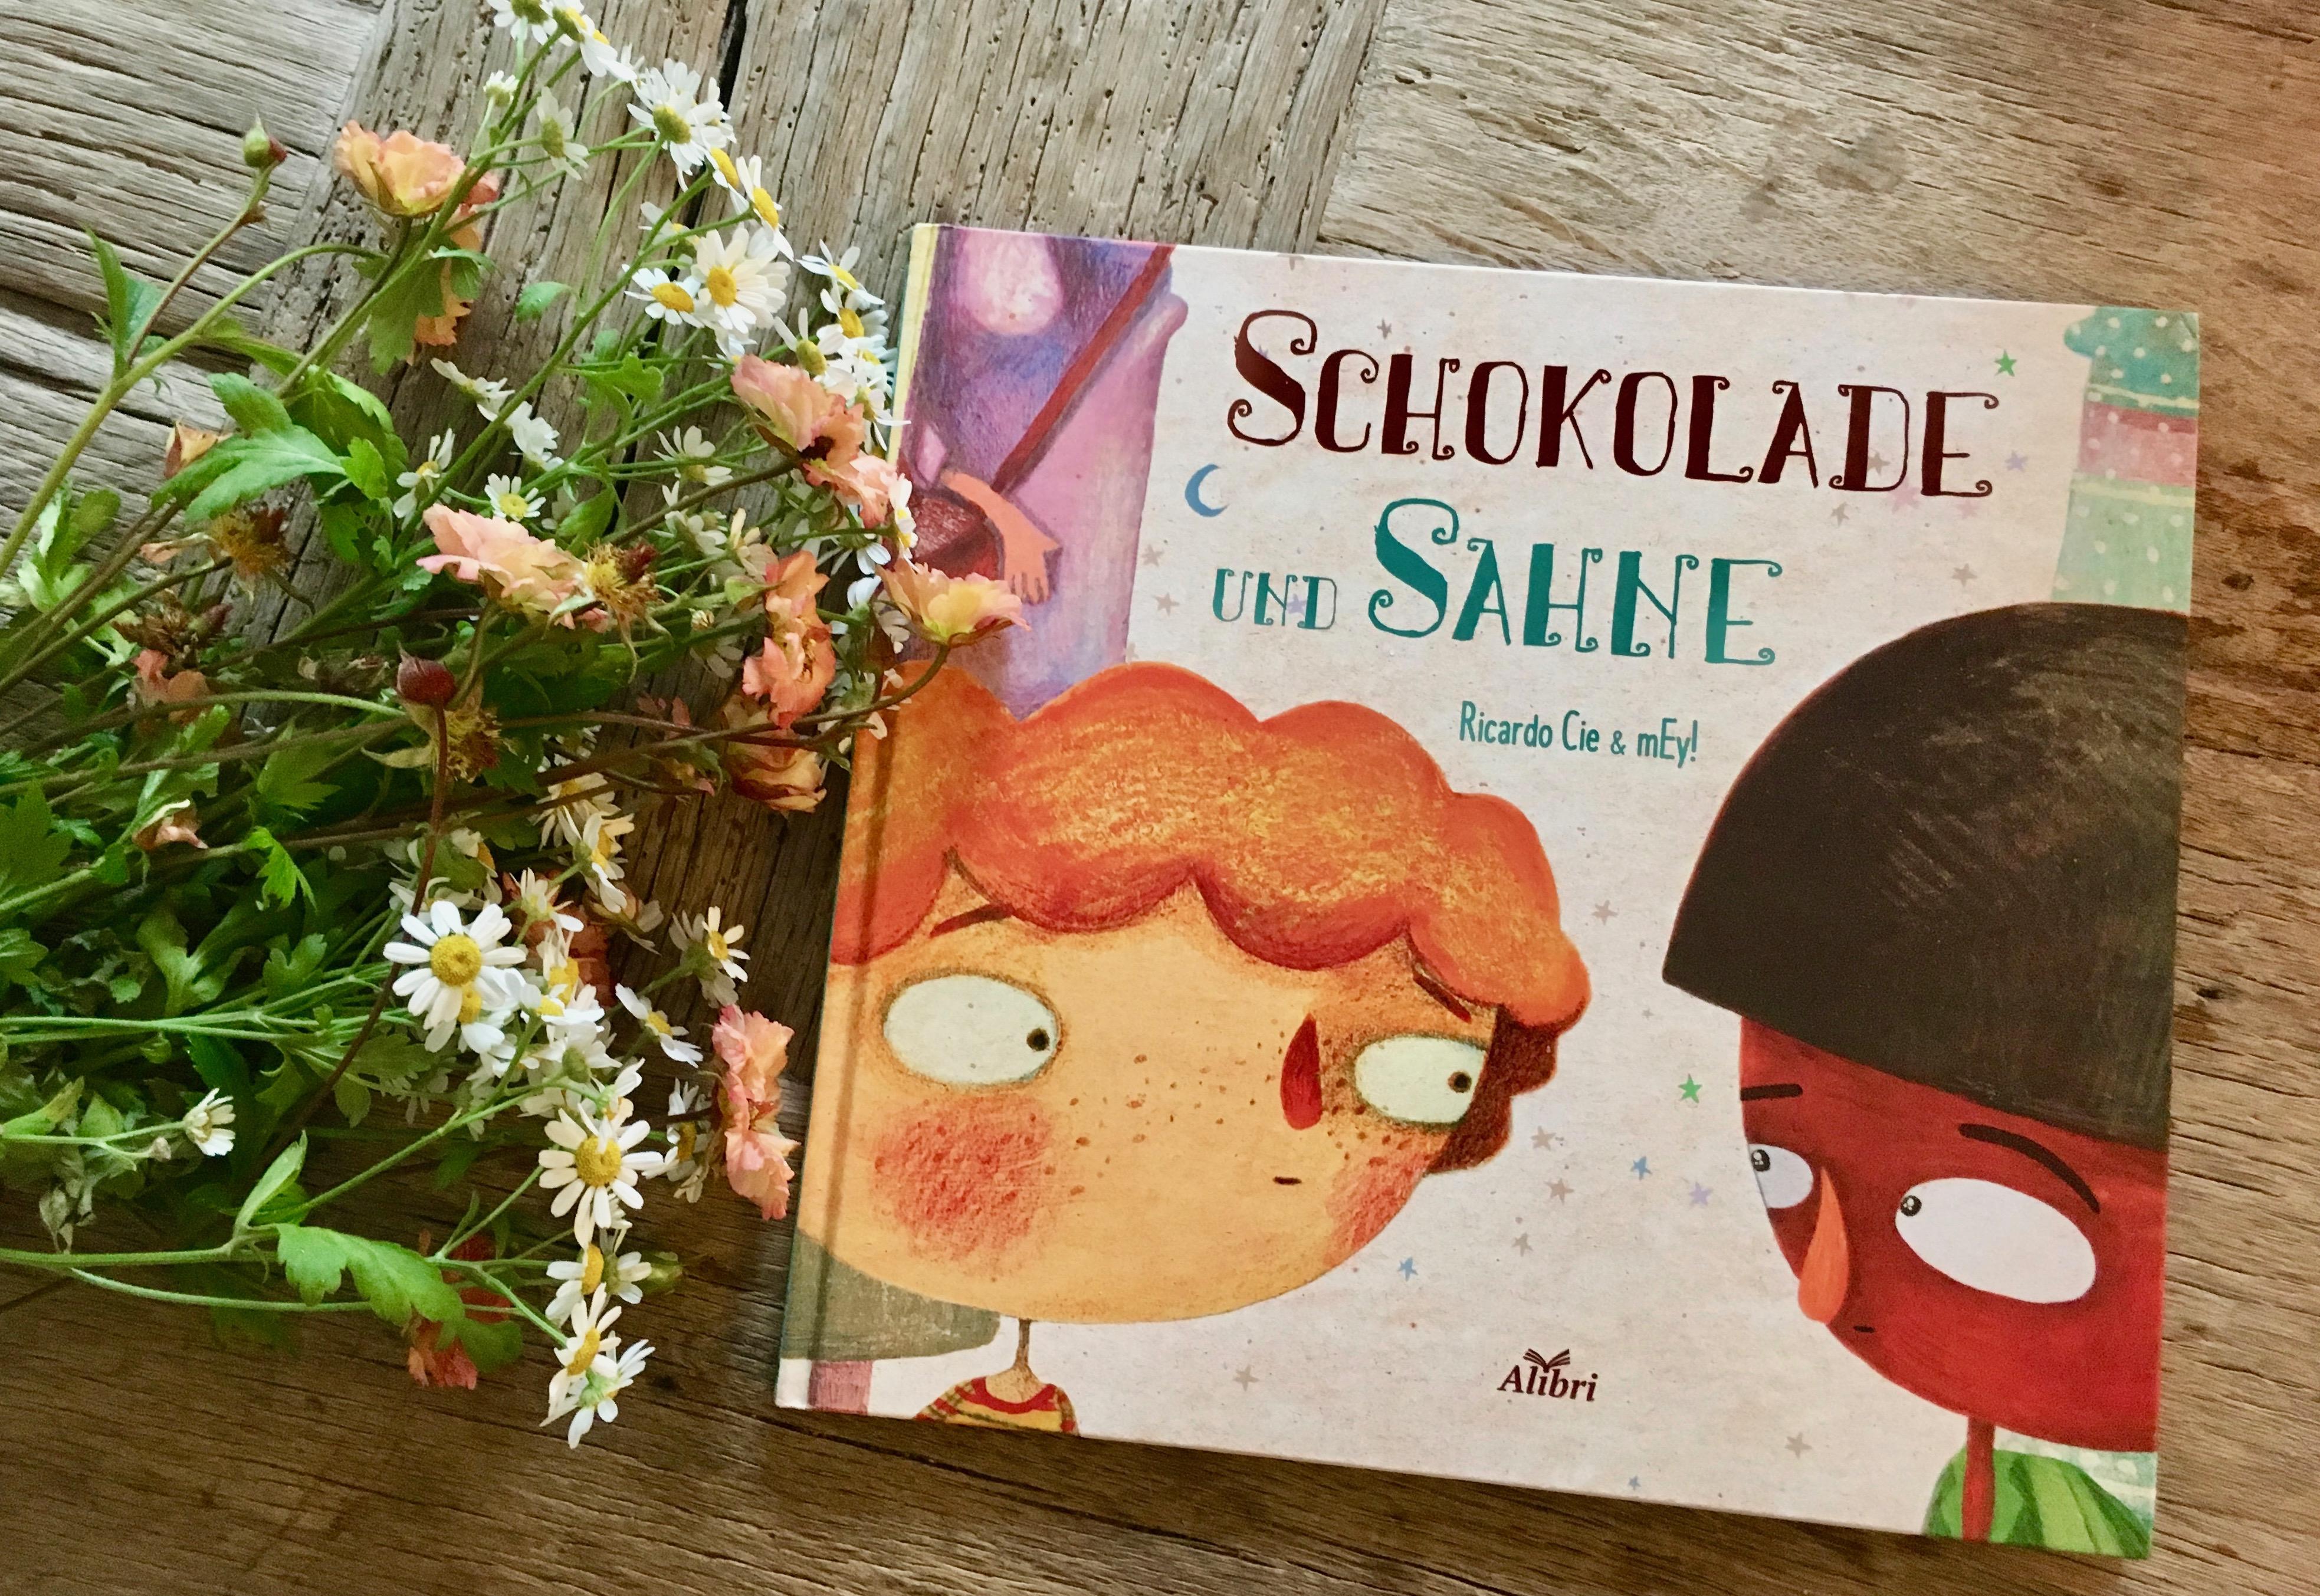 Schokolade und Sahne von Ricardo Cie (Text) und mEy! (Illustration)